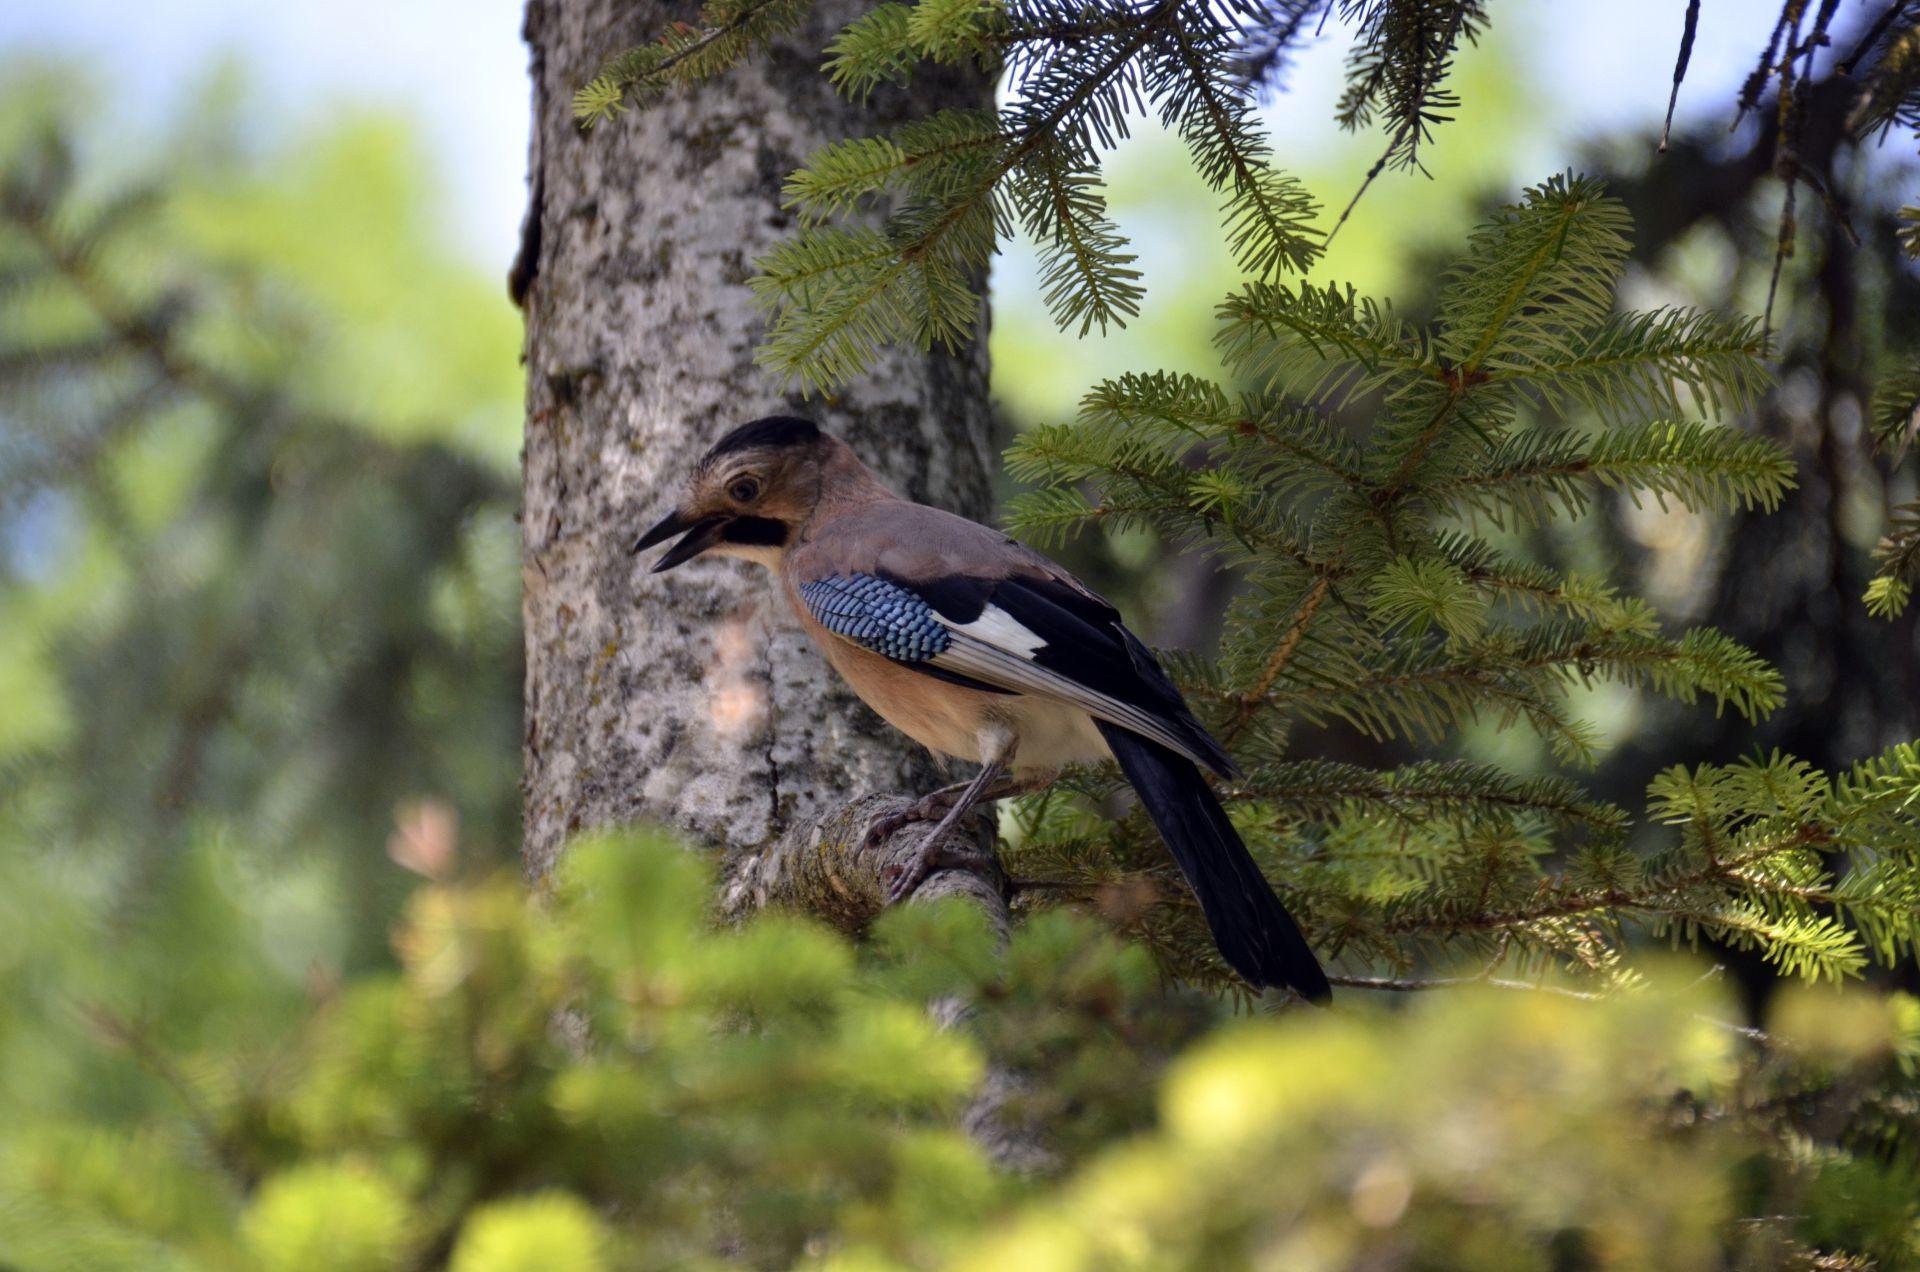 порой картинки леса животных птиц у кустарников этой подборке наши